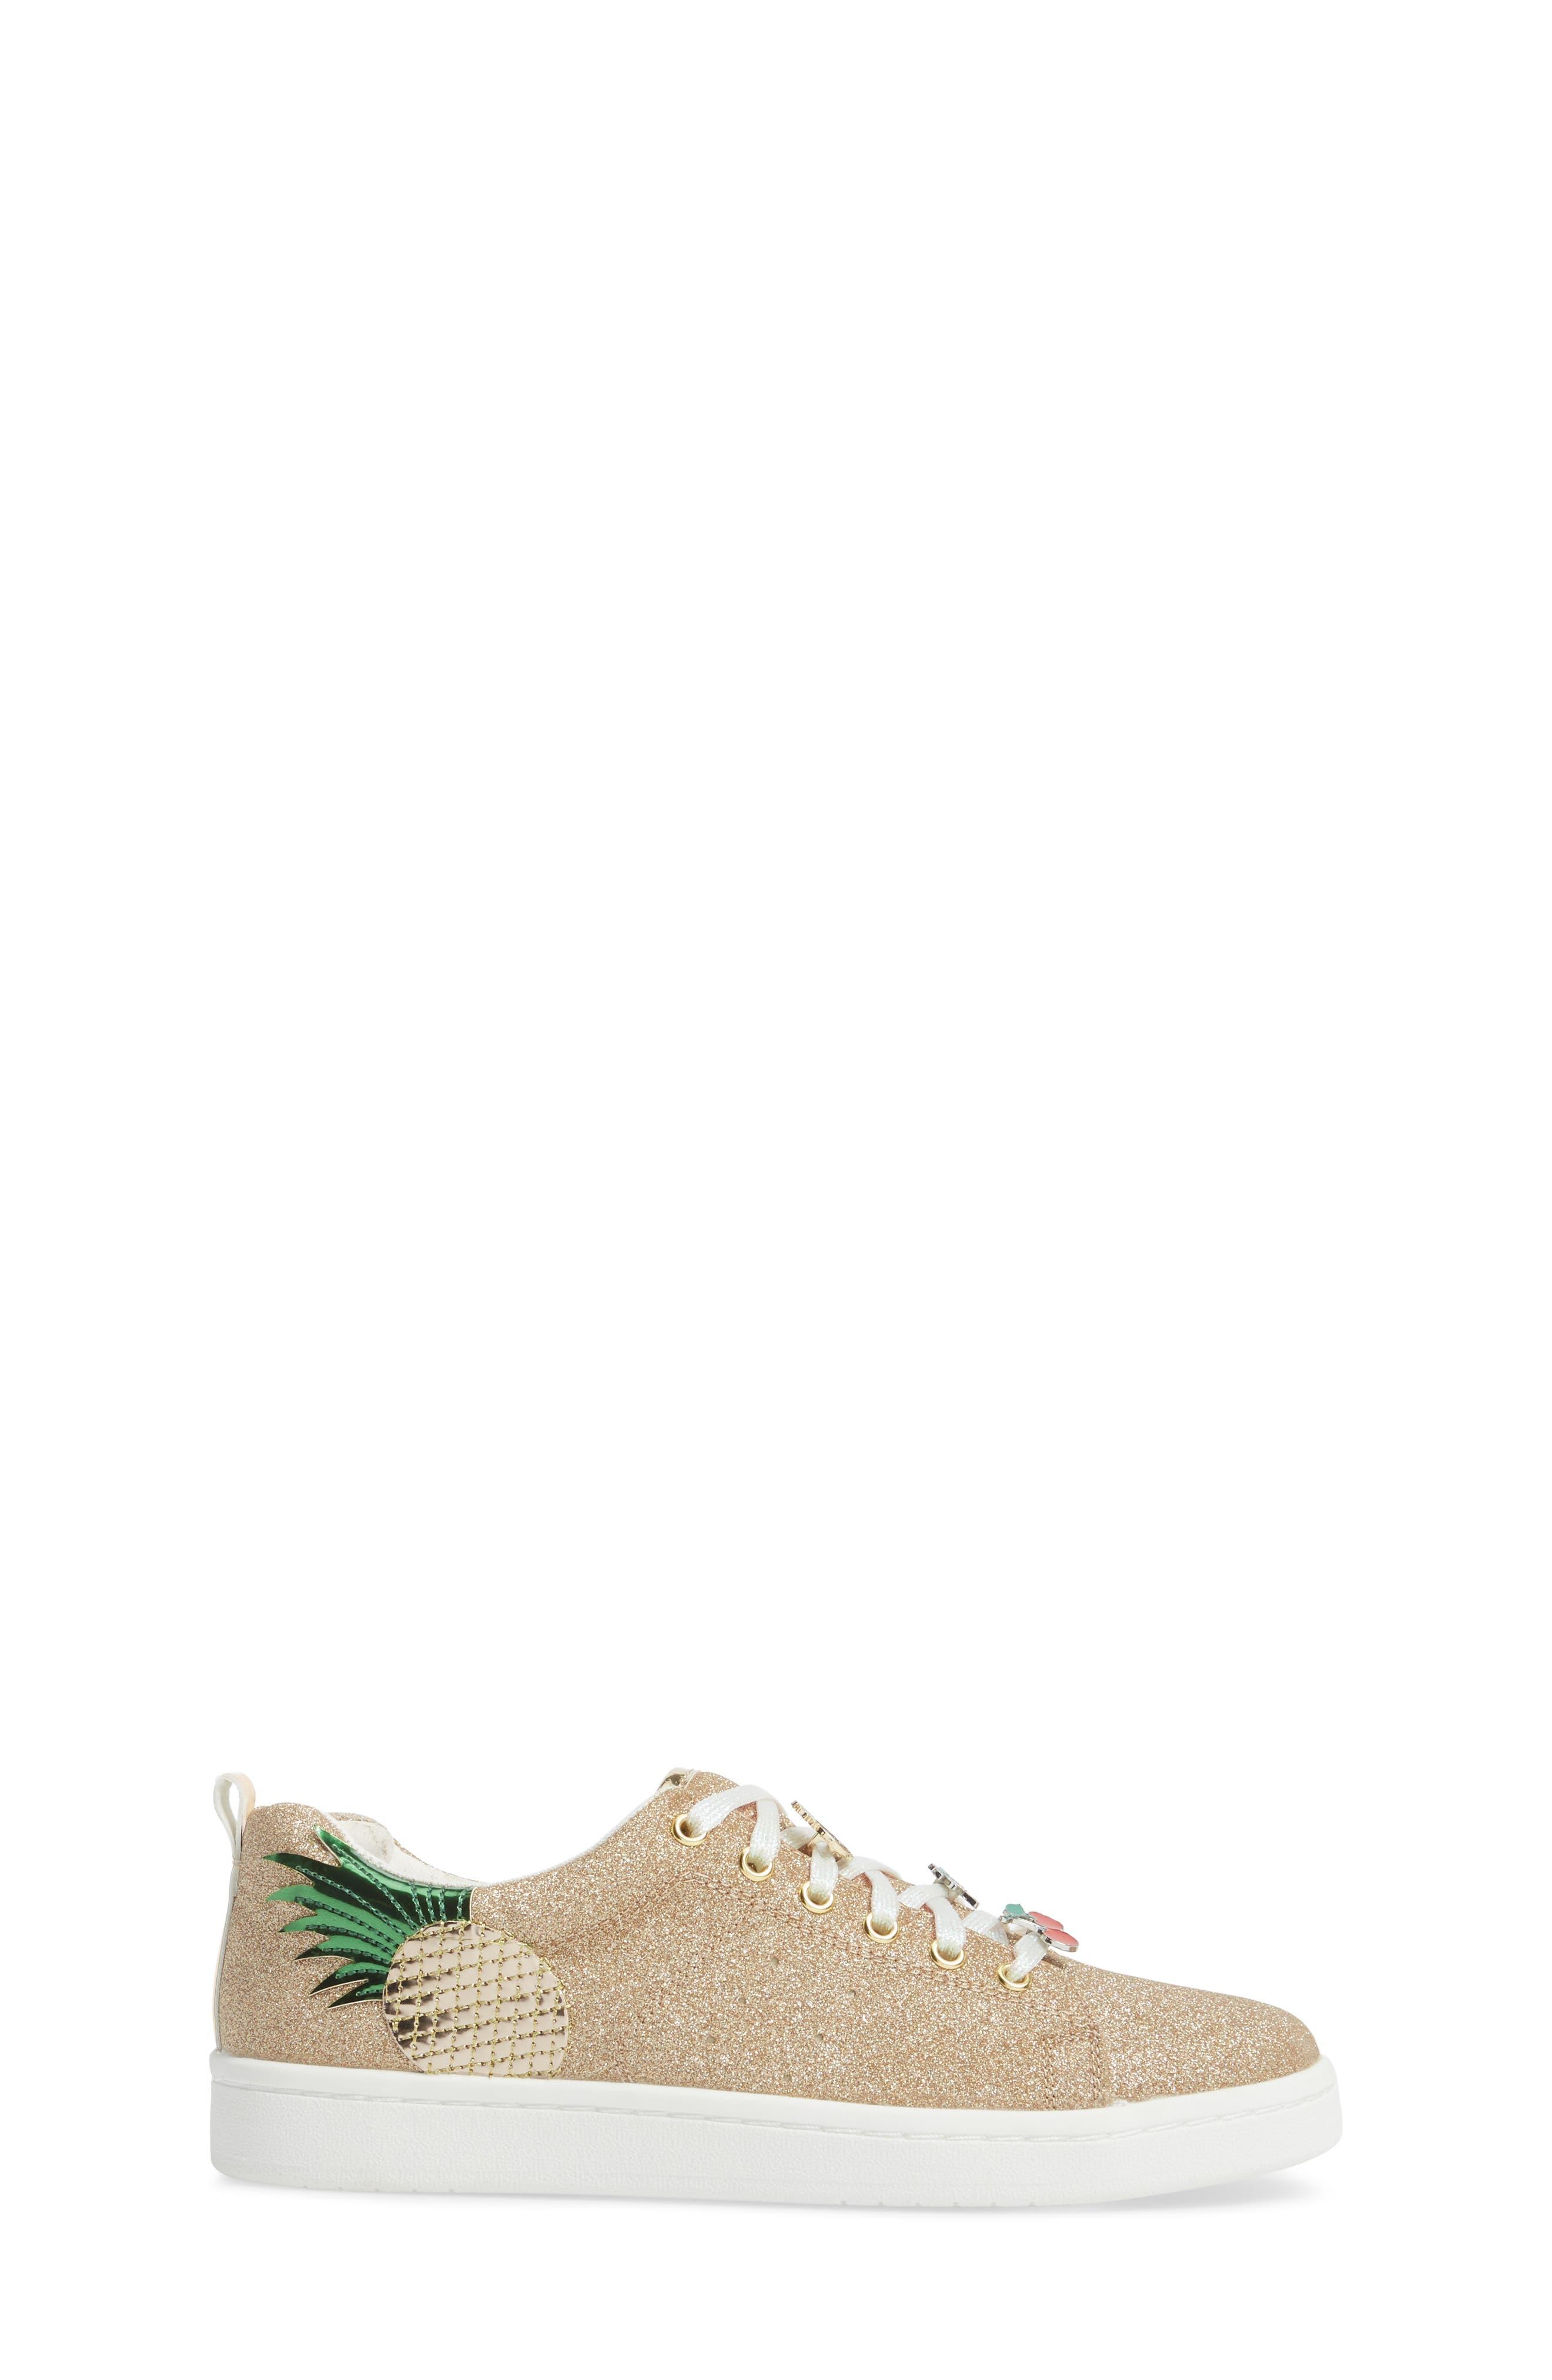 Blane Myth Glitter Sneaker,                             Alternate thumbnail 3, color,                             712